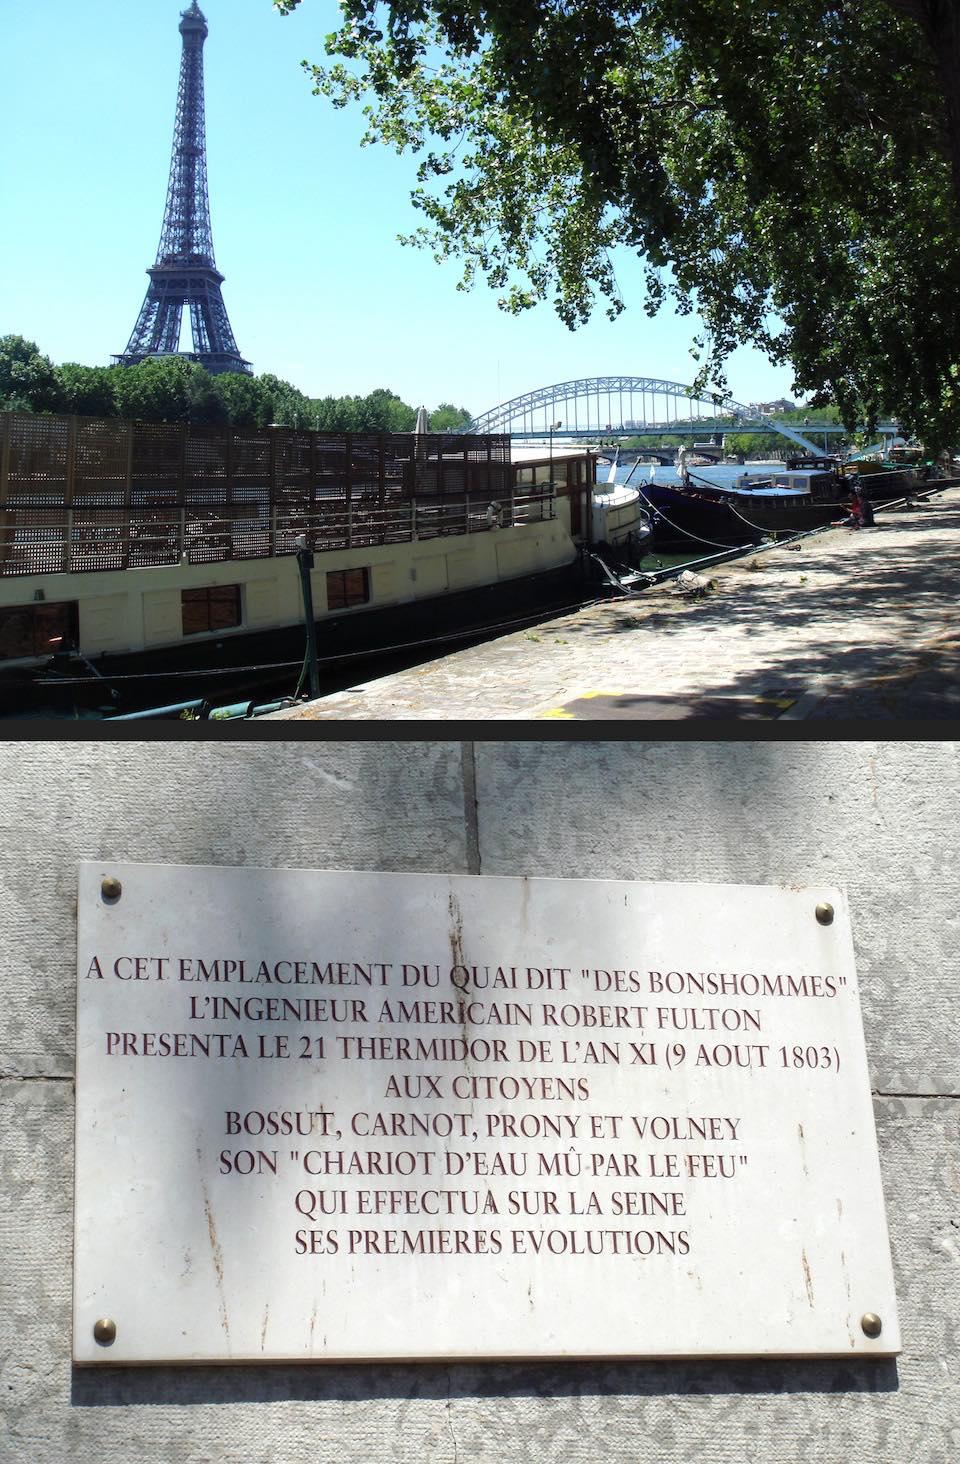 Placa en el Sena donde Fulton presentó su barco de vapor a Napoleón, World Imaging